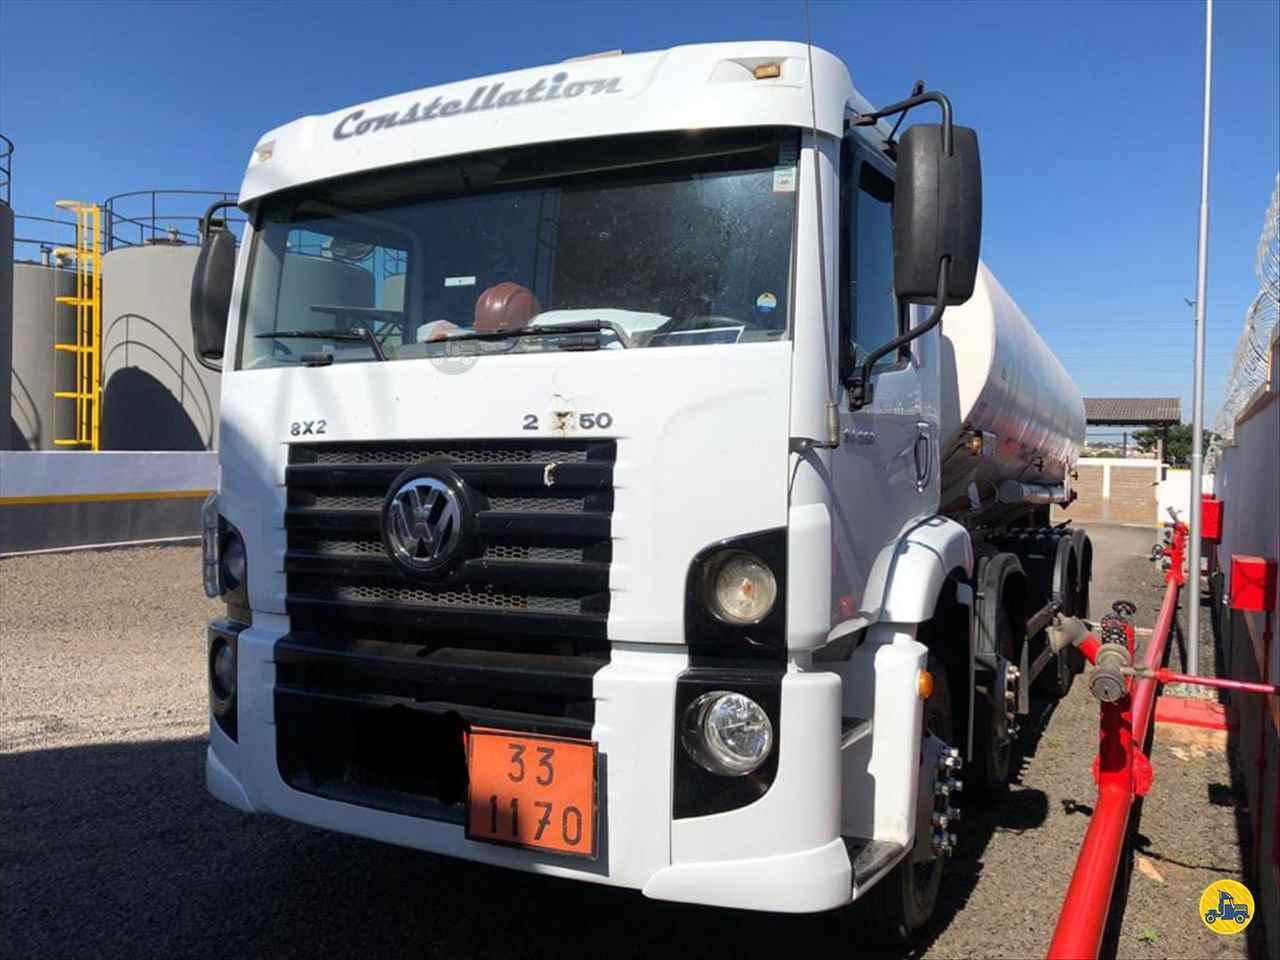 CAMINHAO VOLKSWAGEN VW 24250 Tanque Aço BiTruck 8x2 Mundial Caminhões e Carretas PALMITAL SÃO PAULO SP